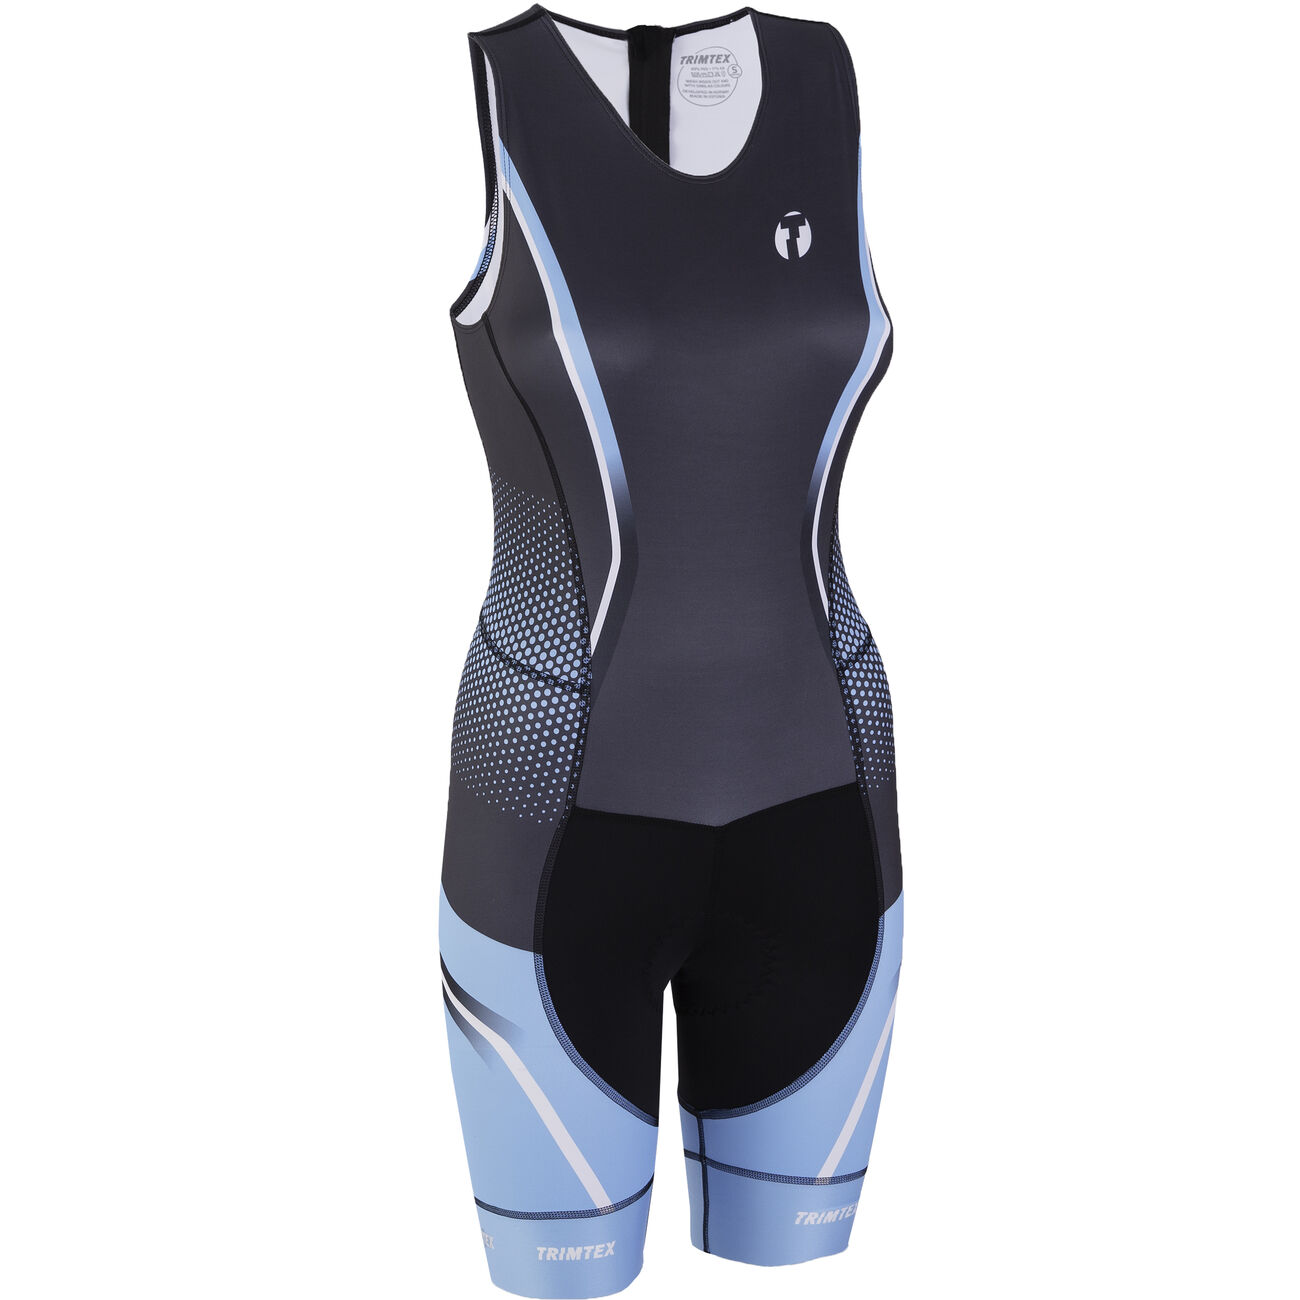 Triathlon ITU skinsuit women's